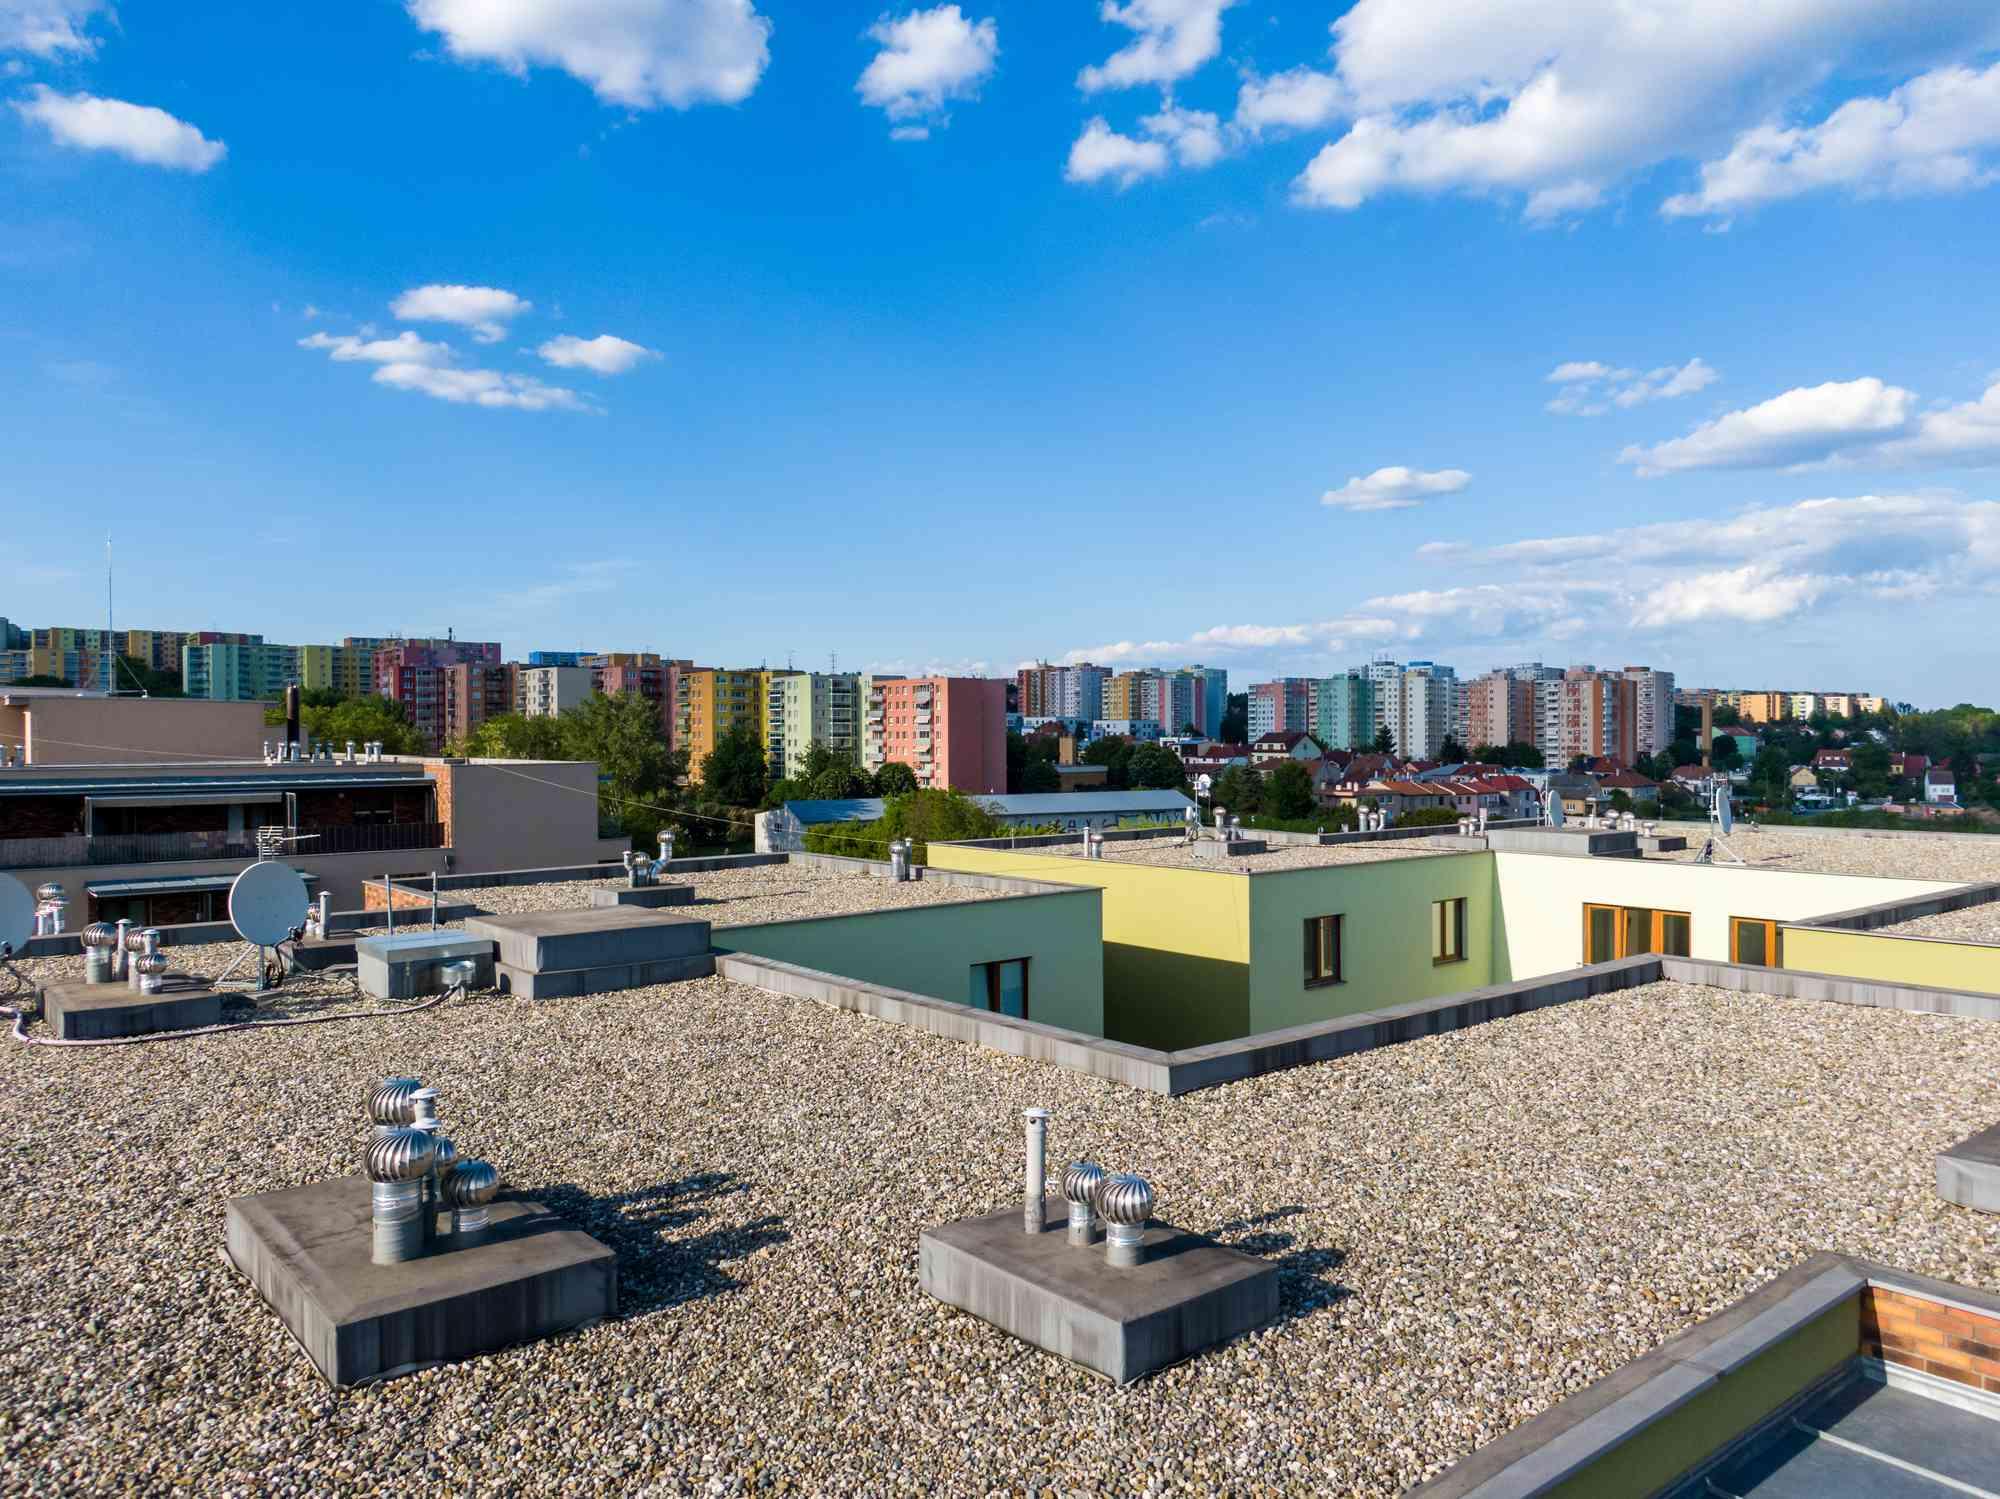 Vista aérea del techo plano de la casa en un edificio residencial. Exterior de arquitectura moderna. Sistemas de aire acondicionado y estructura de ventilación. Edificio residencial en el fondo, día soleado